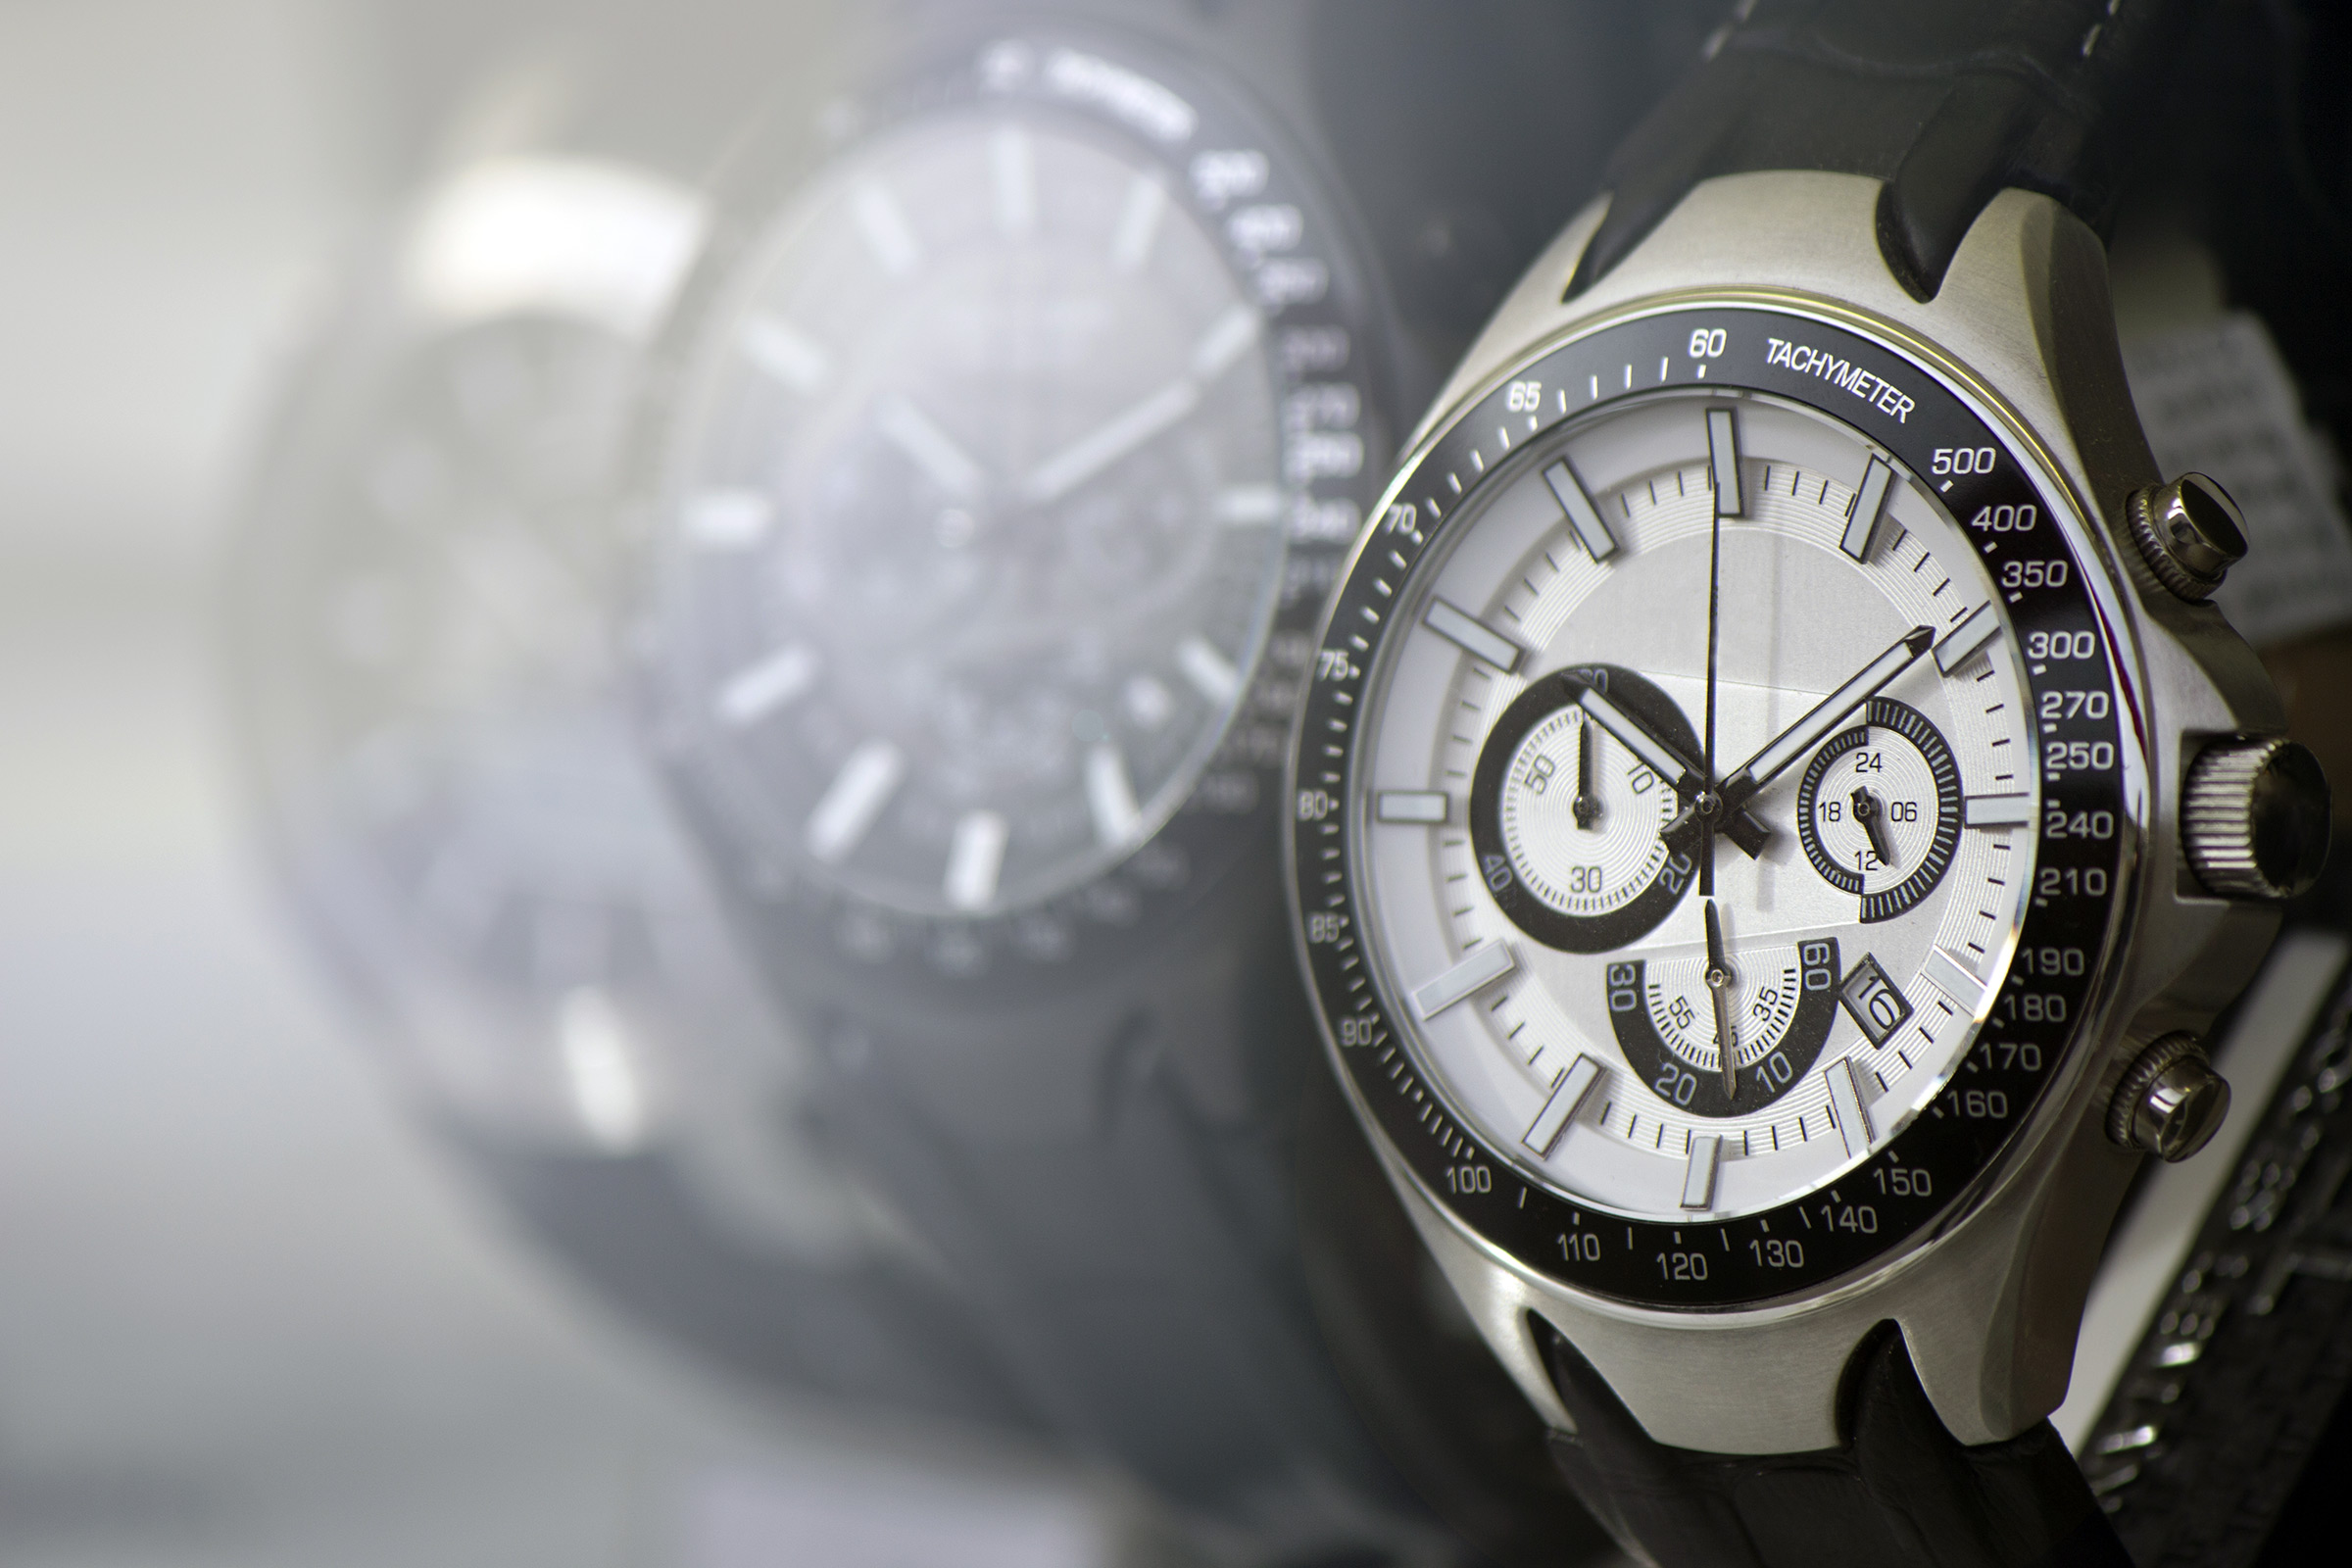 Relógios convencionais